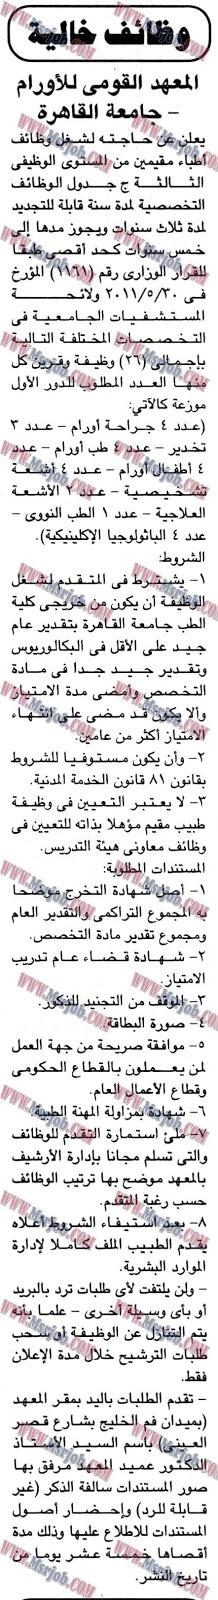 المعهد القومي للاورام - جامعة القاهرة